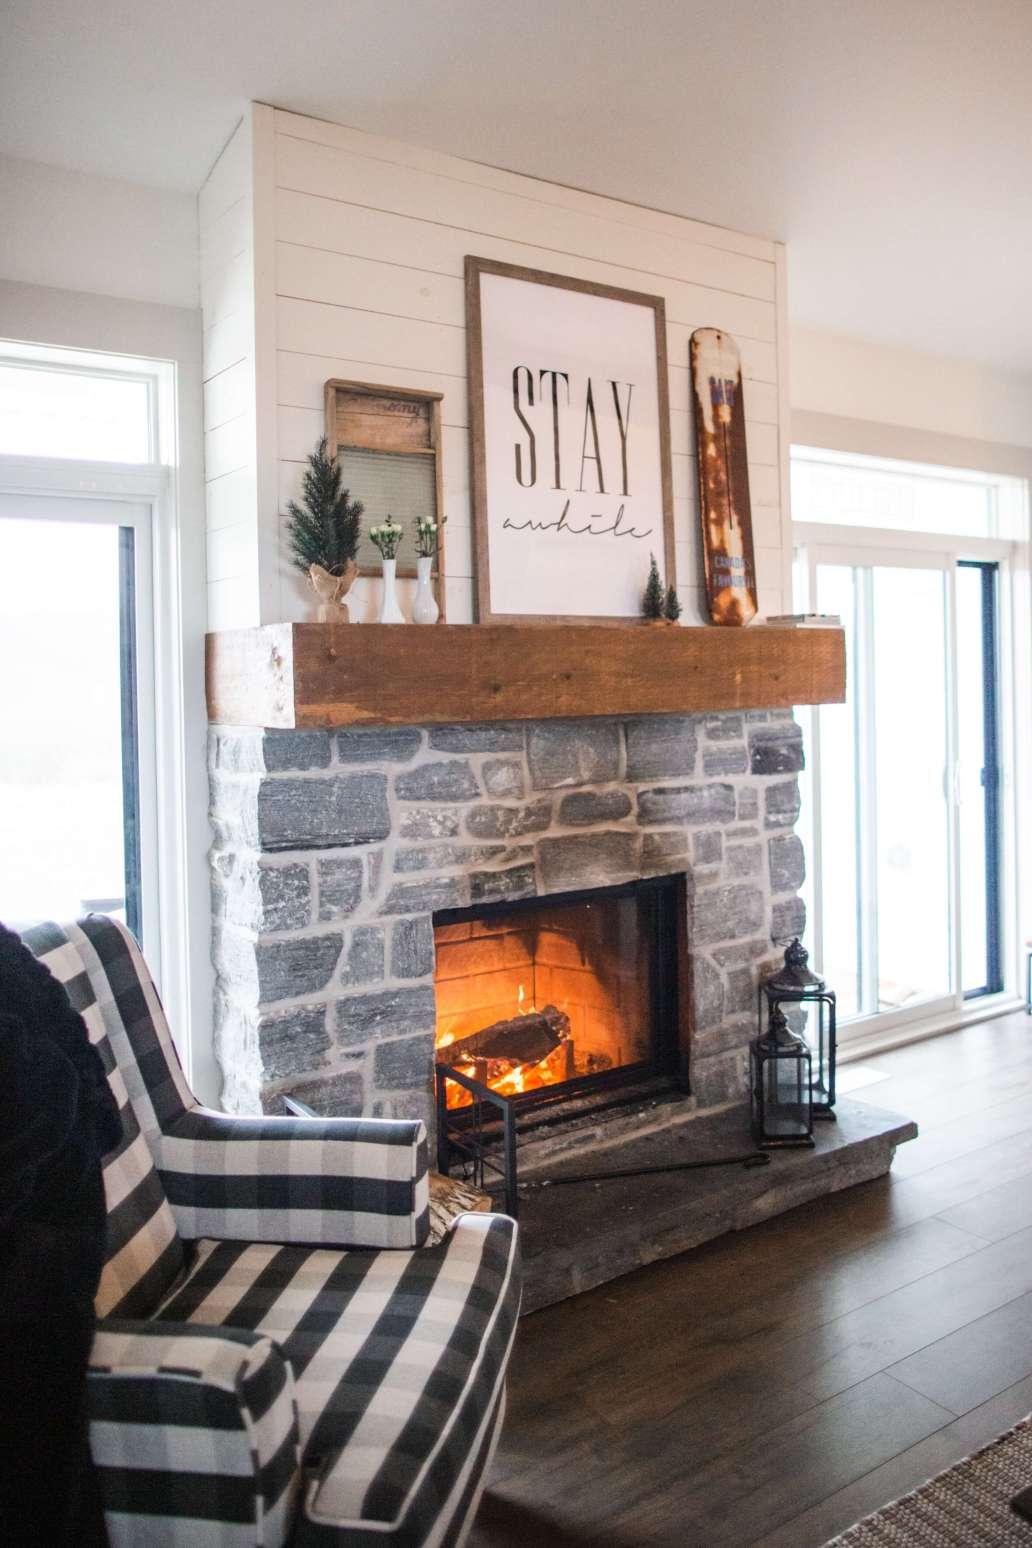 jessica johnston Jqyn5QAxJOY unsplash 2 1365x2048 - Les meilleurs moyens de se prémunir d'un incendie dans la maison